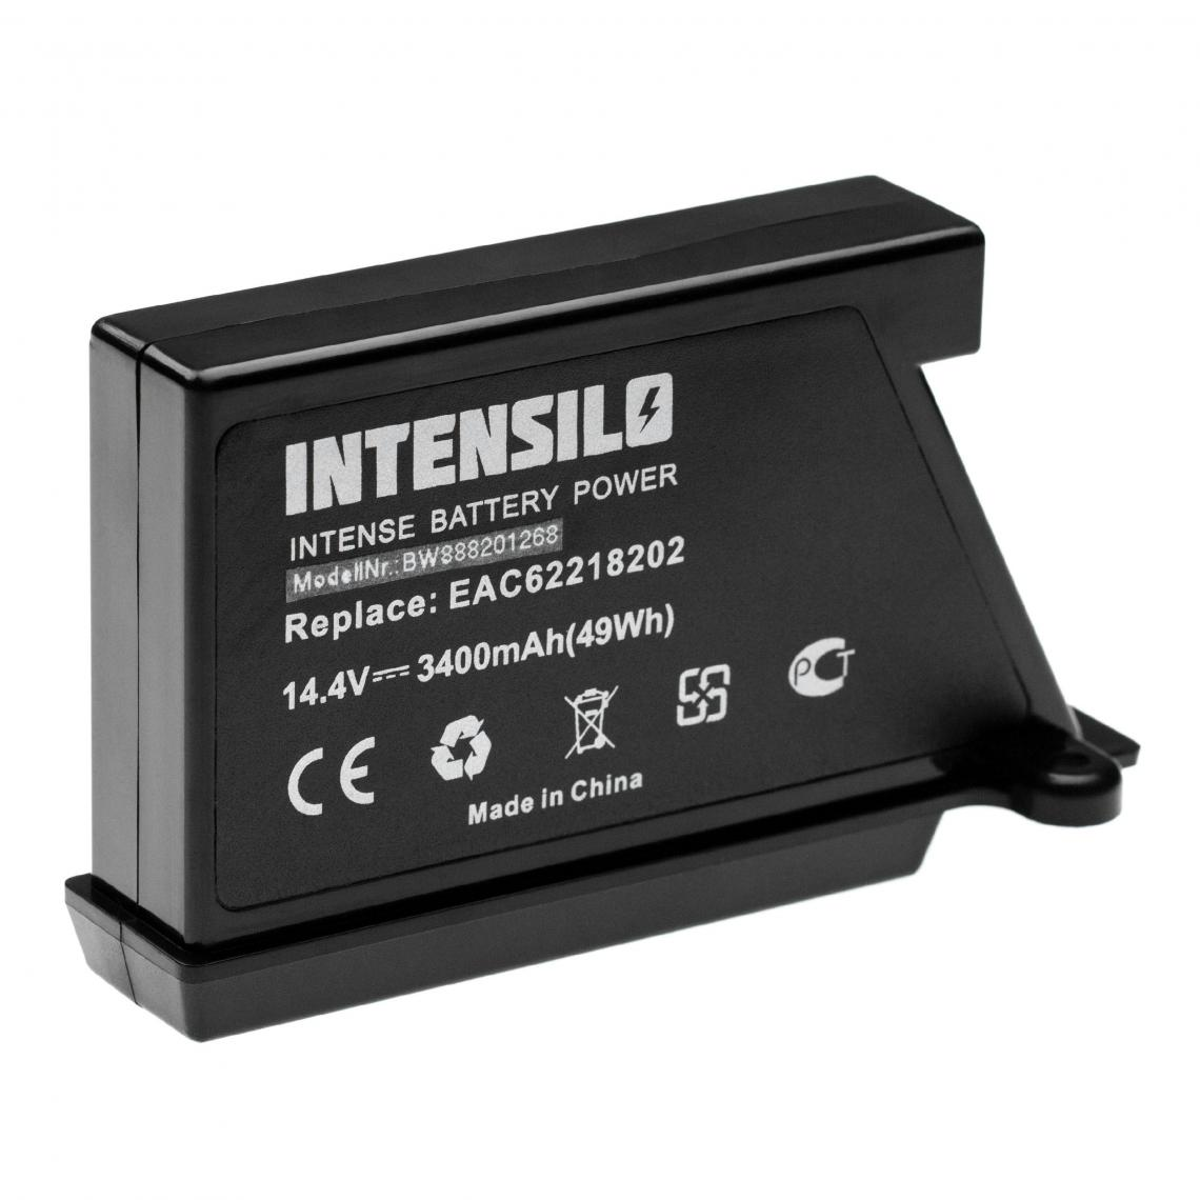 Vhbw INTENSILO Batterie compatible avec LG HOM-BOT VRF4042, VRF4042LL, VSR9640PS robot électroménager (3400mAh, 14,4V, Li-ion